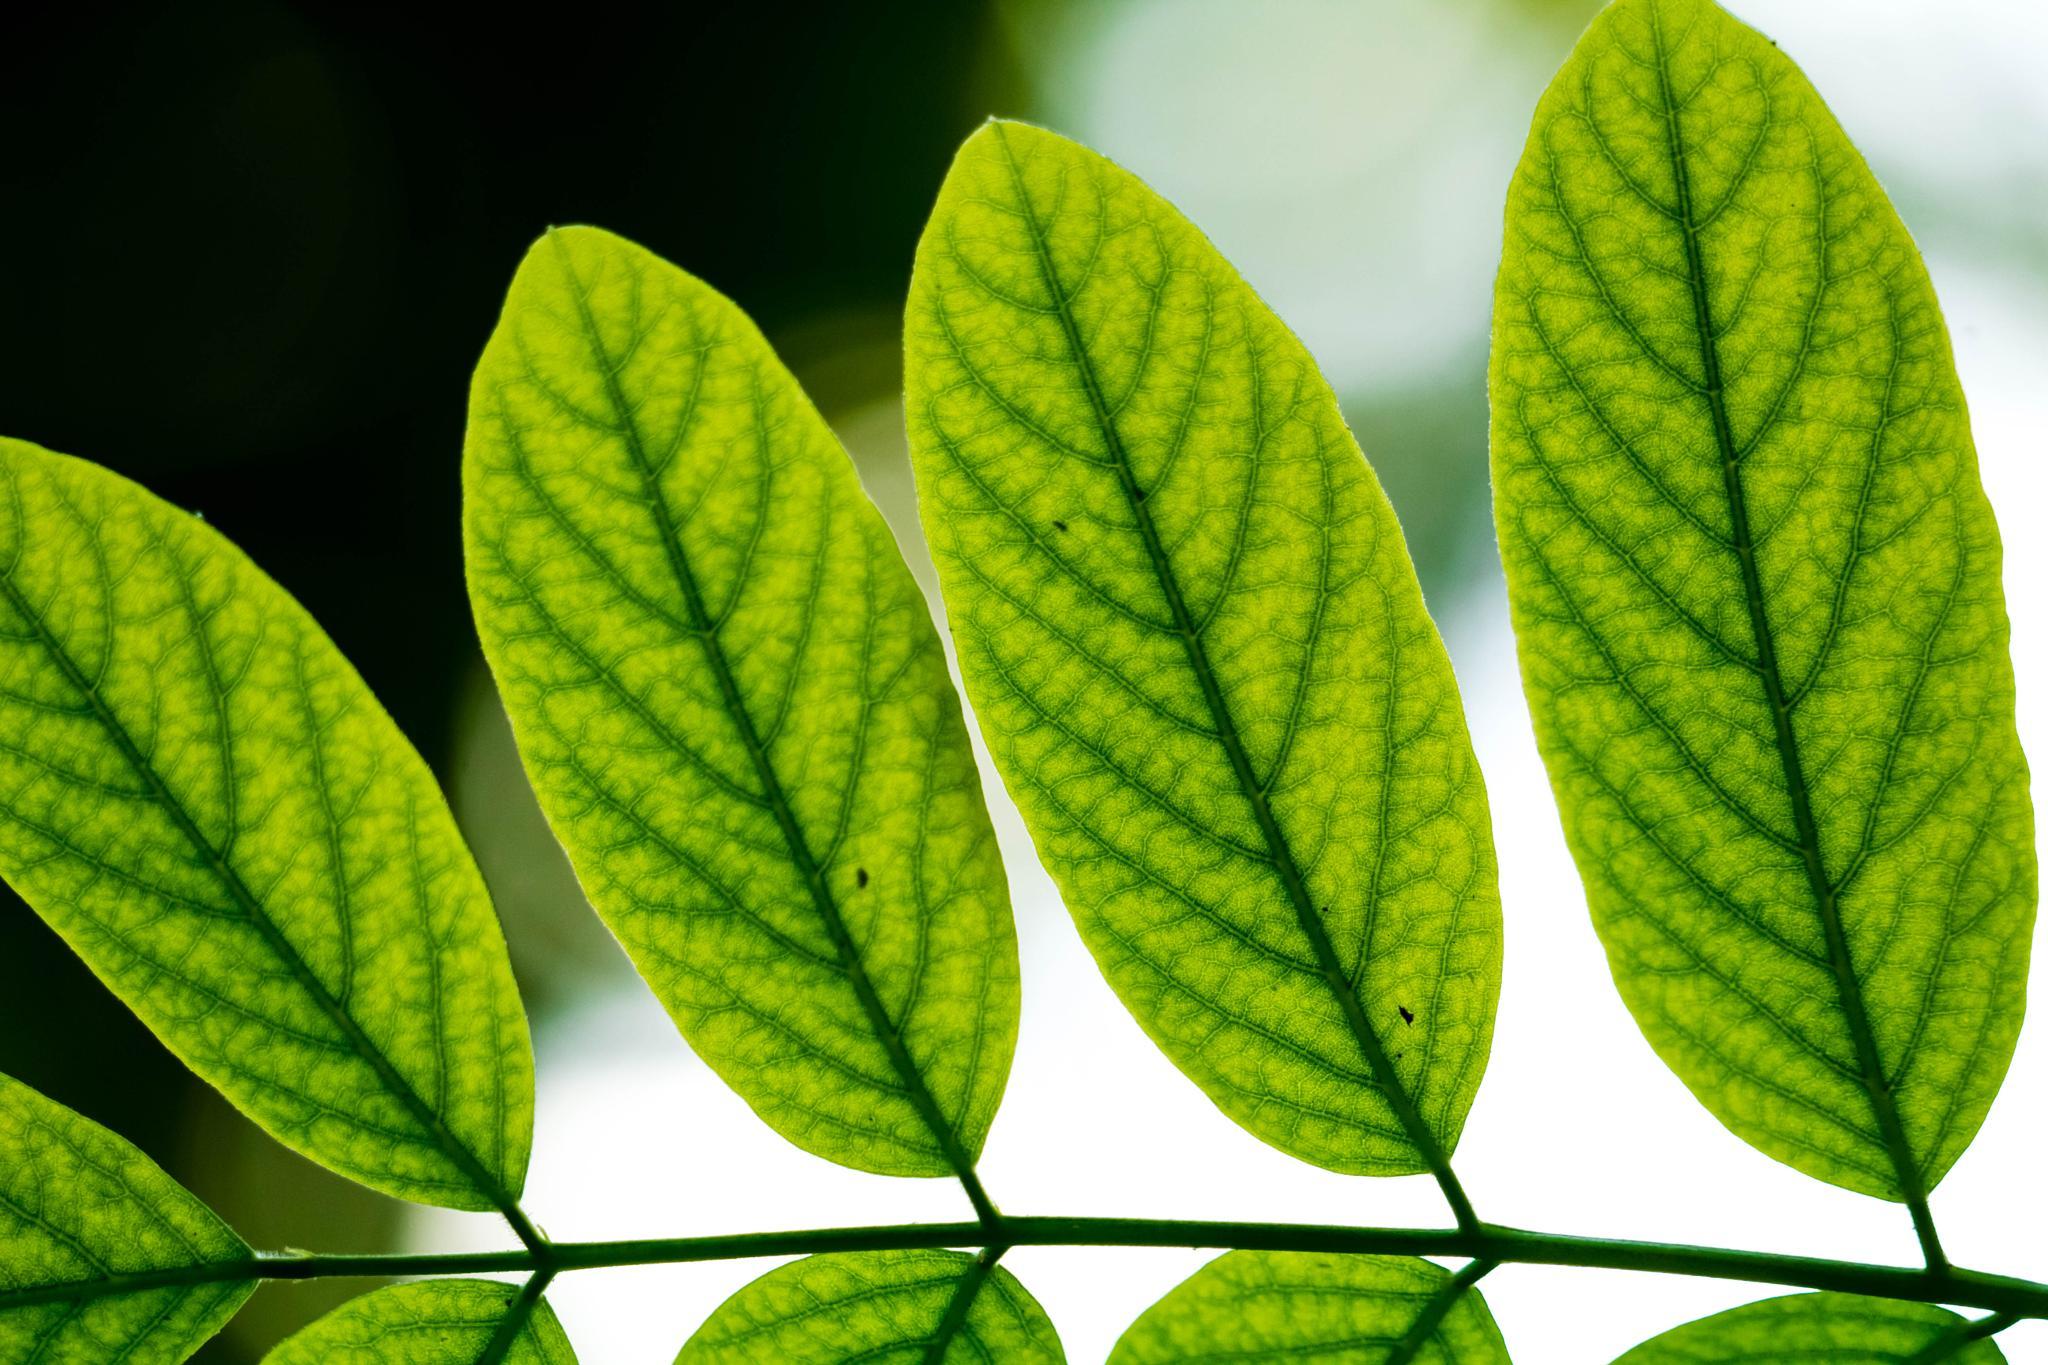 Green Leaf by Seyyed Ali Dashti